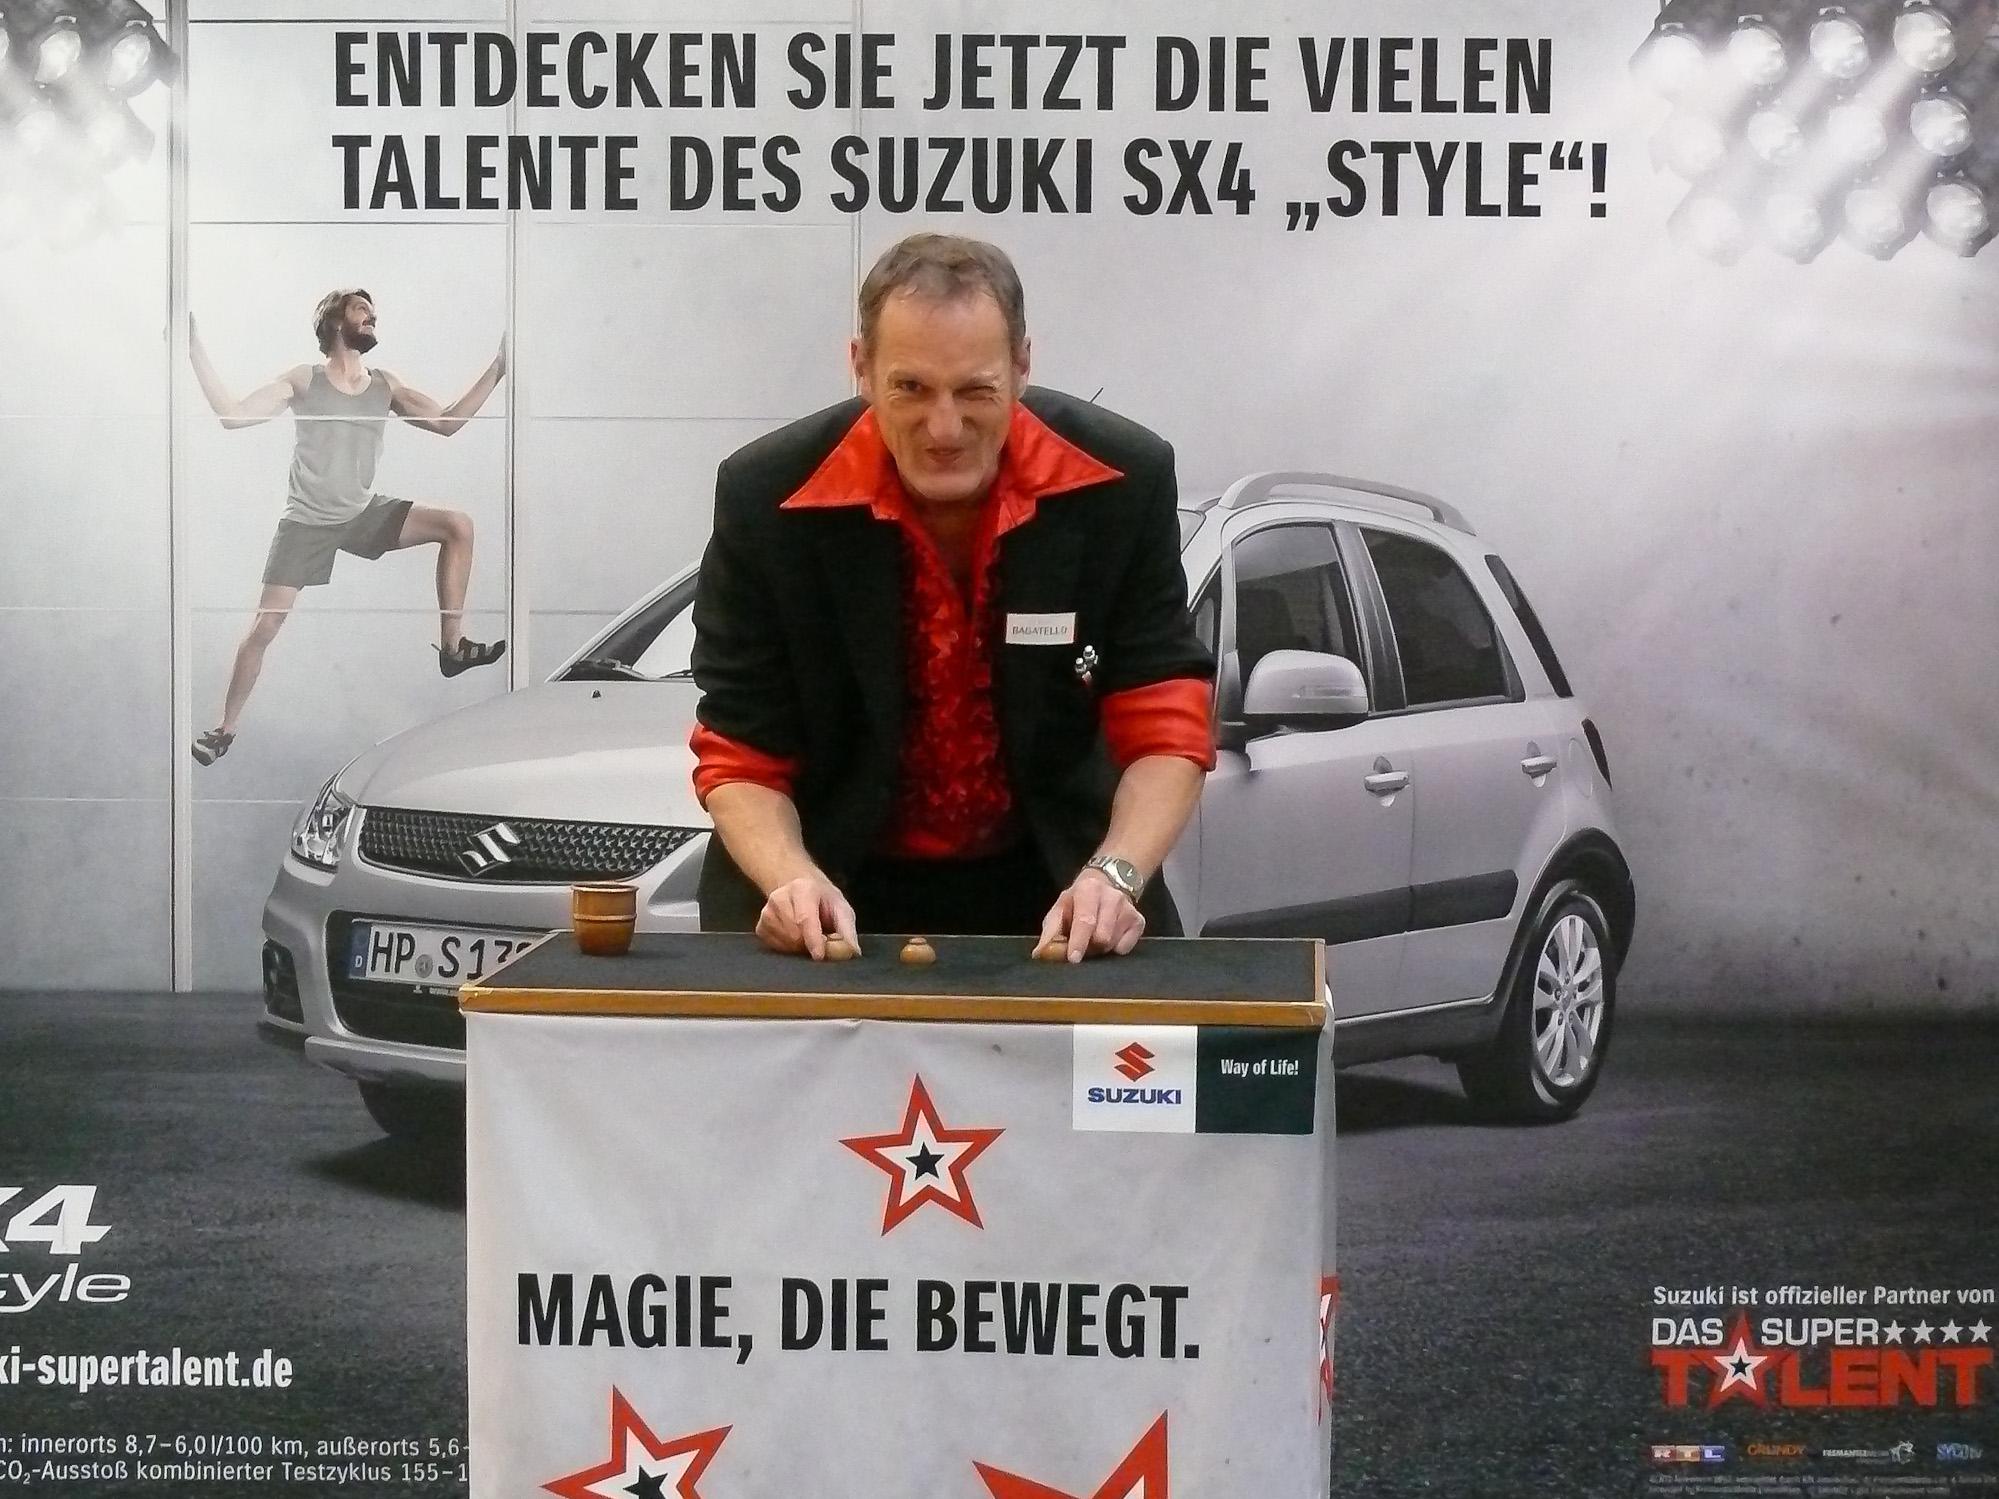 Promotion Tour mit Hütchenspieler Bagatello mit seinem Hütchenspiel